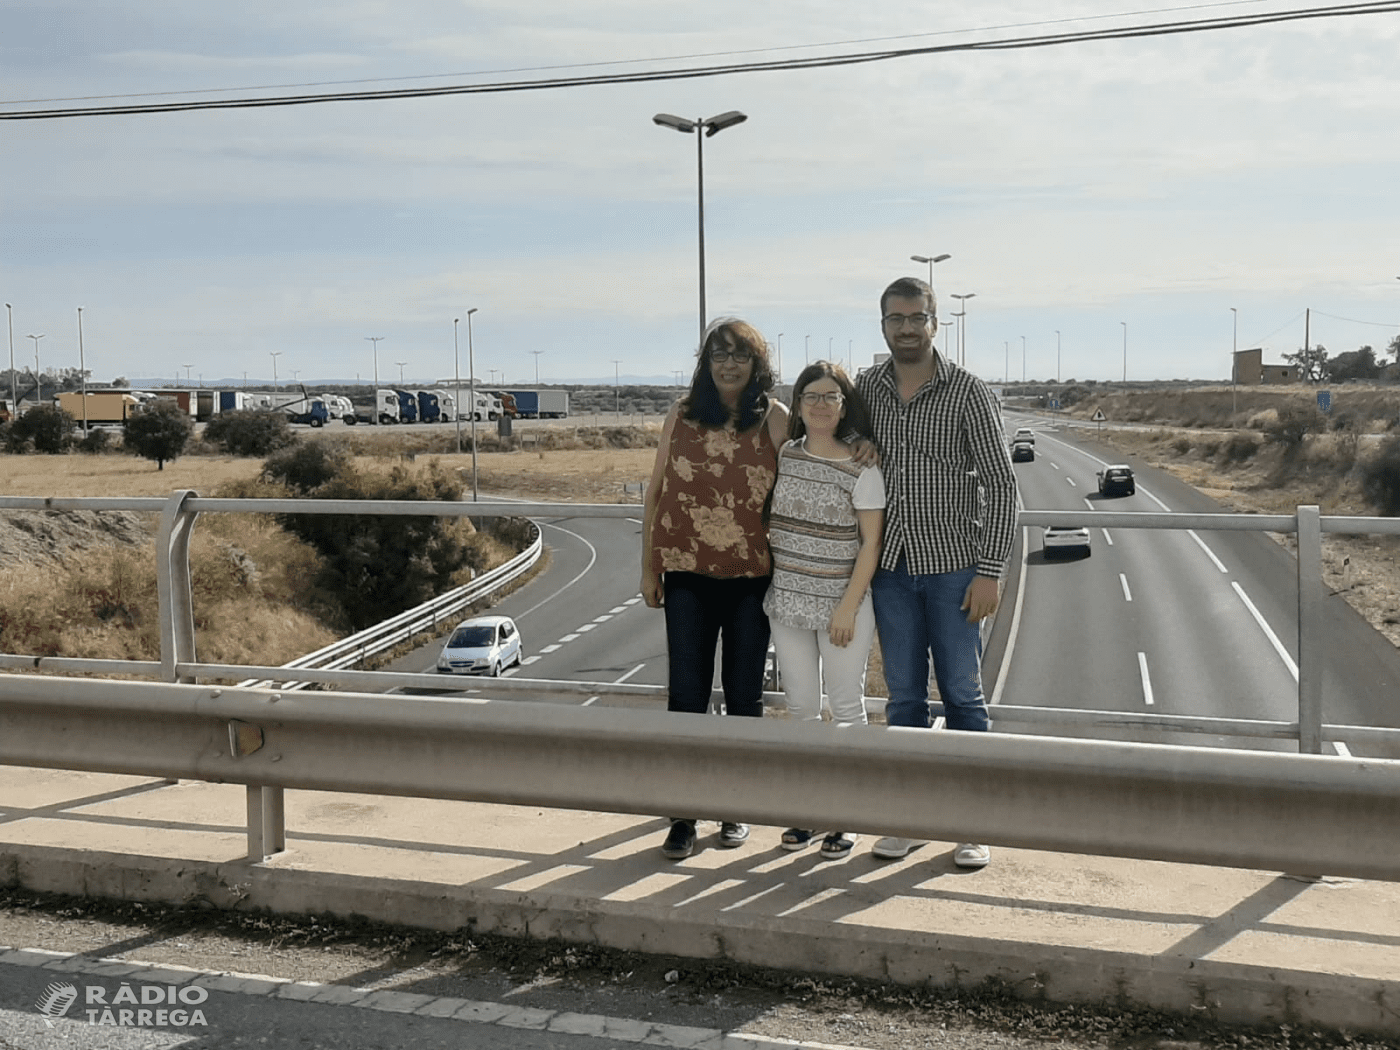 Esquerra Republicana a l'Urgell exigeix al govern espanyol que executi immediatament les obres de millora de l'A-2 al seu pas per Lleida